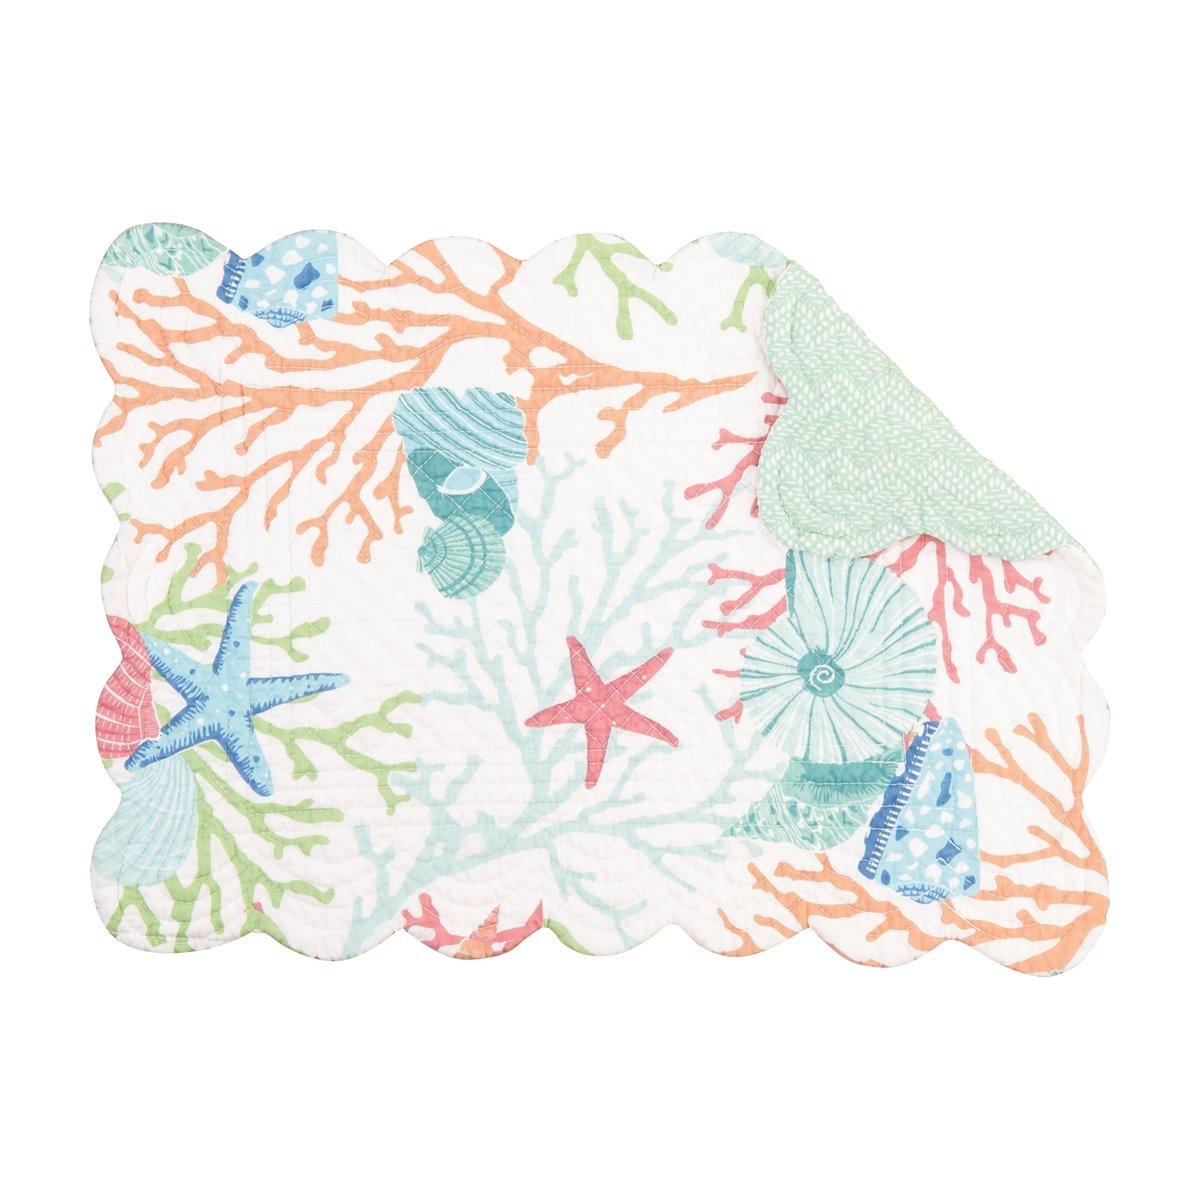 Caribbean Splash Rectangular Quilted Placemat